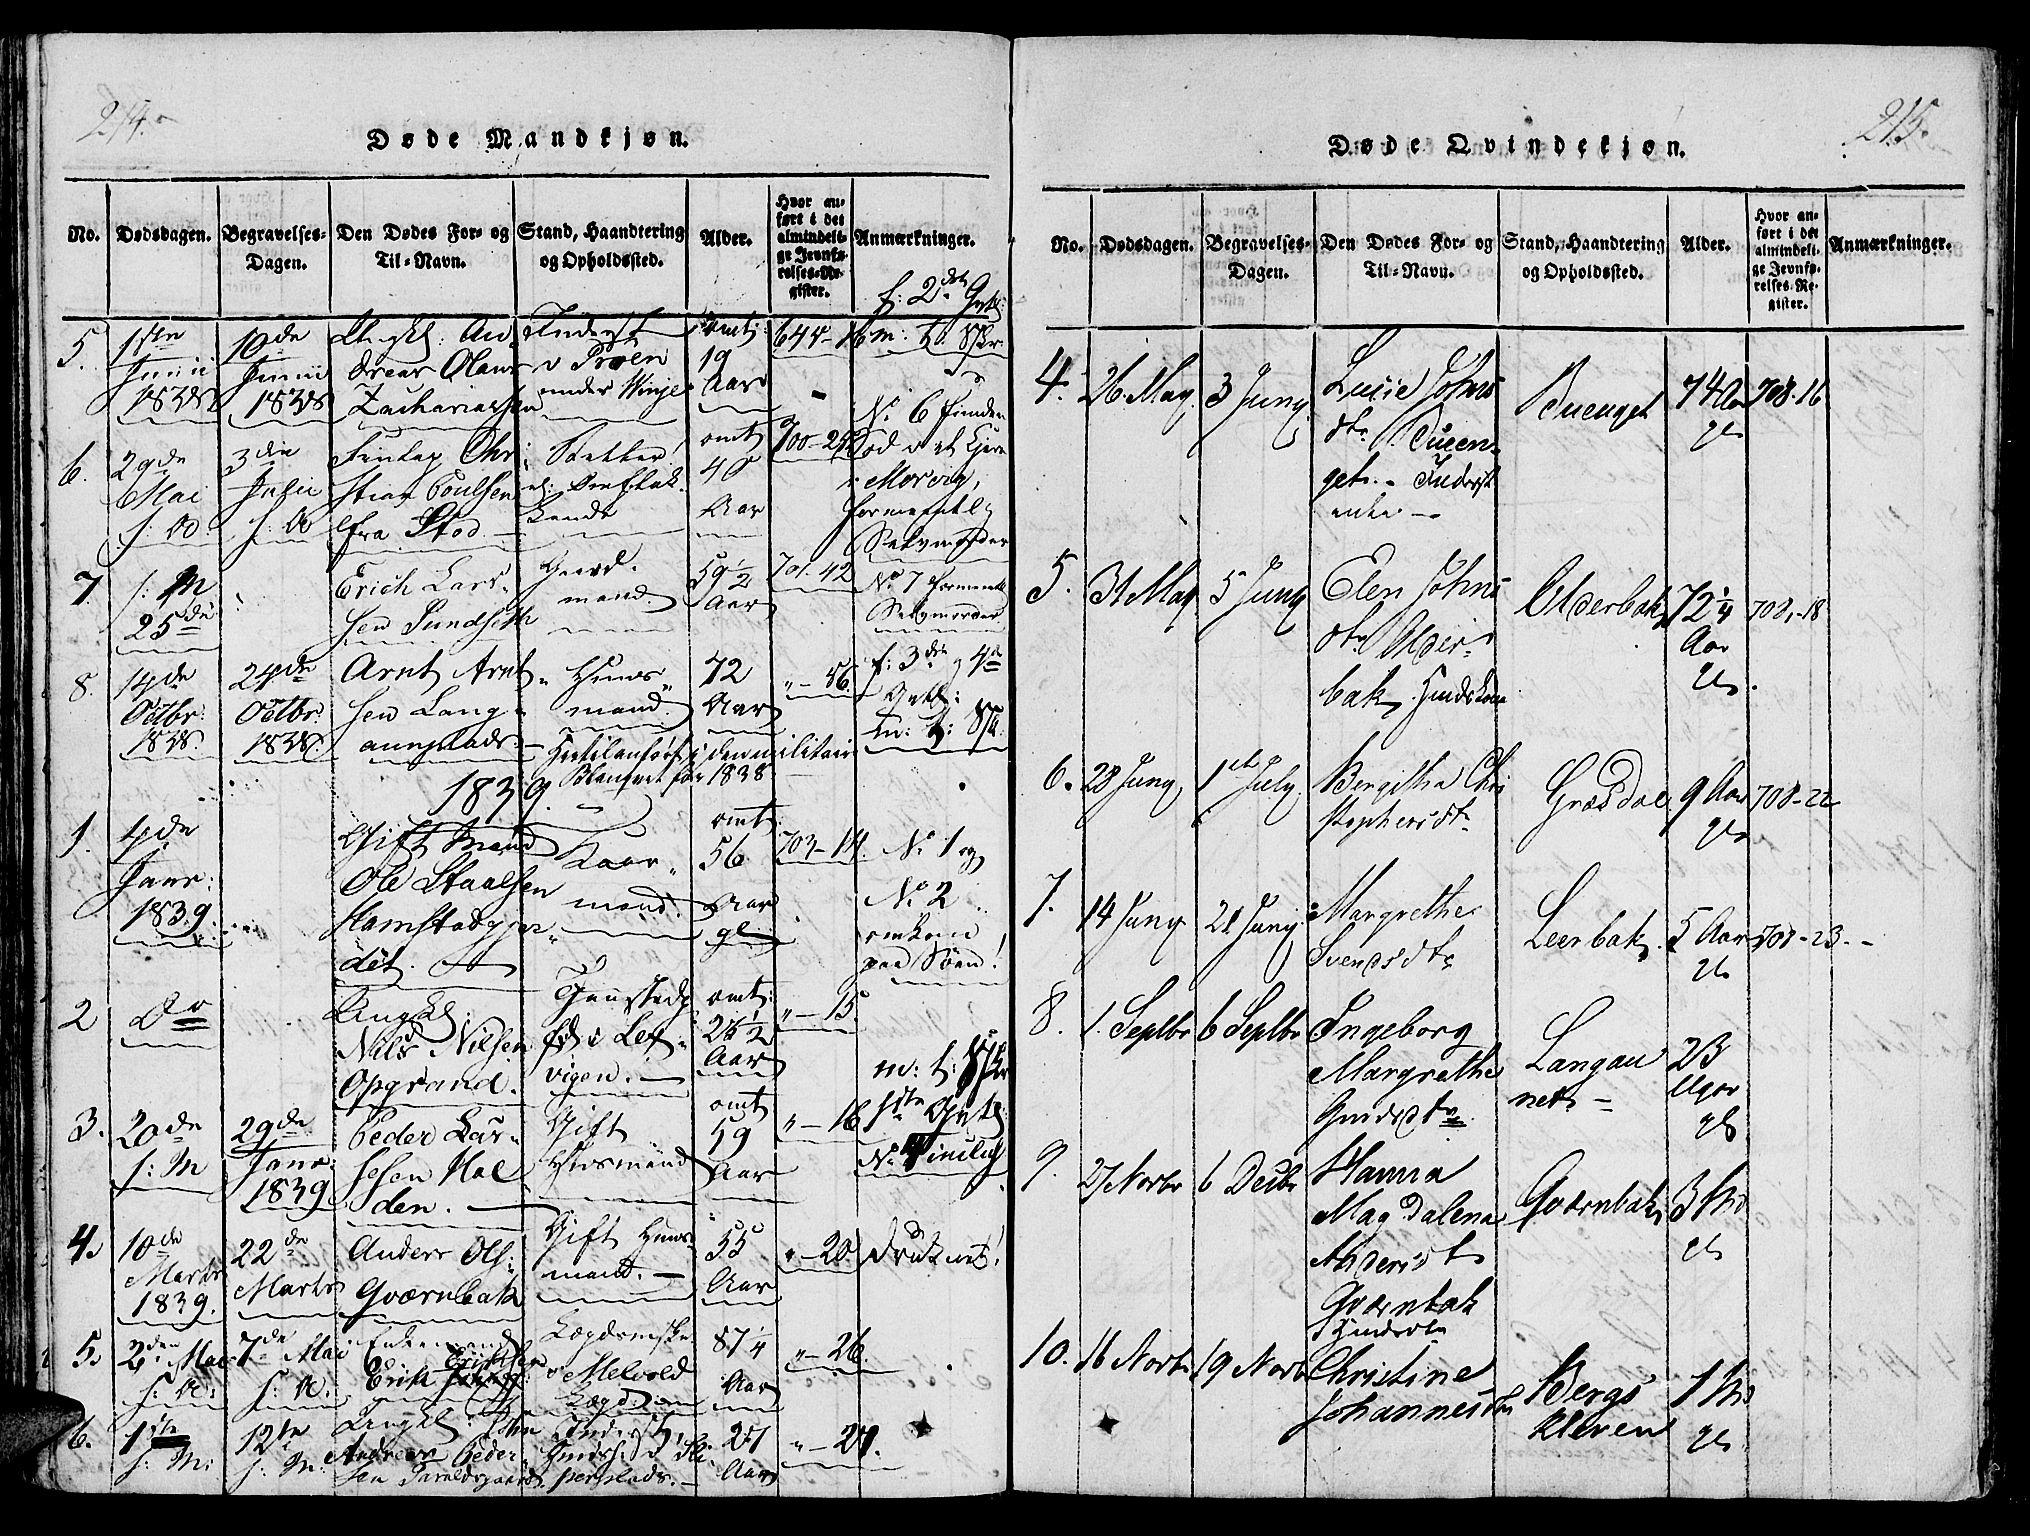 SAT, Ministerialprotokoller, klokkerbøker og fødselsregistre - Nord-Trøndelag, 733/L0322: Ministerialbok nr. 733A01, 1817-1842, s. 214-215